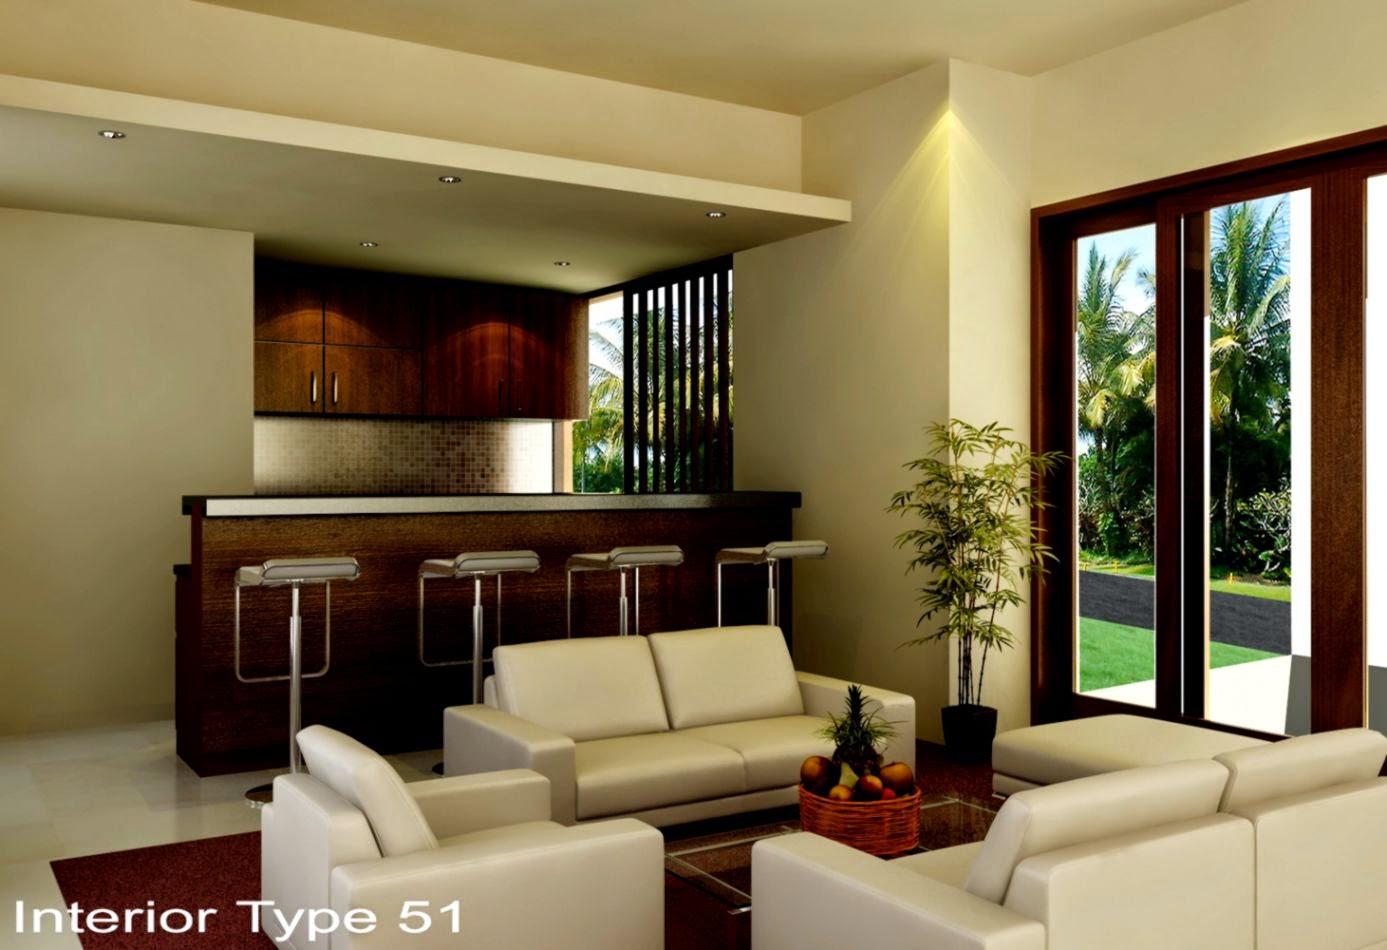 Desain Interior Rumah Minimalis Modern   Gambar dan Foto • Nulis